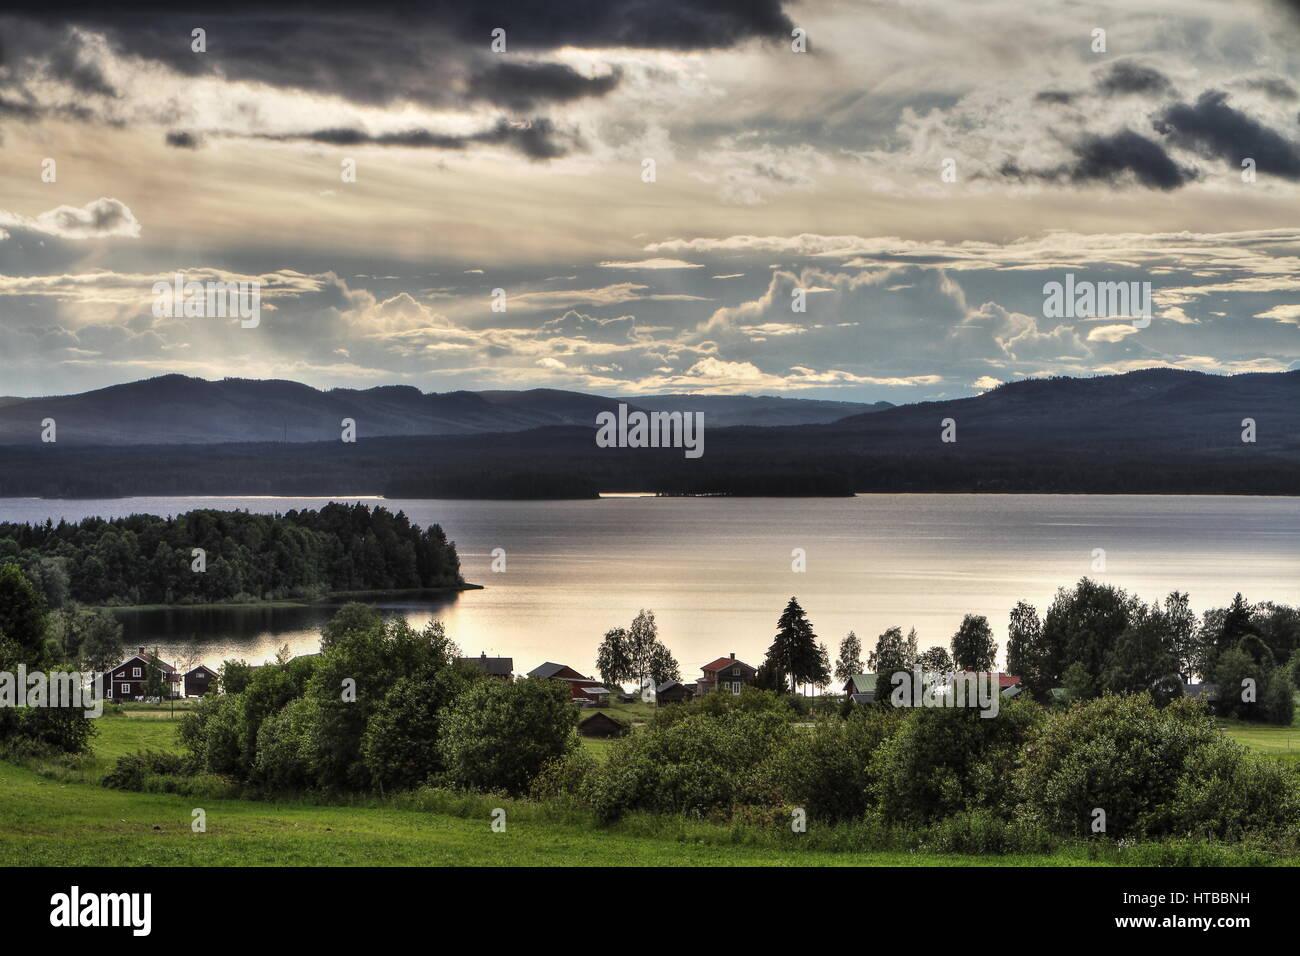 Evening Swedish landscape - Stock Image